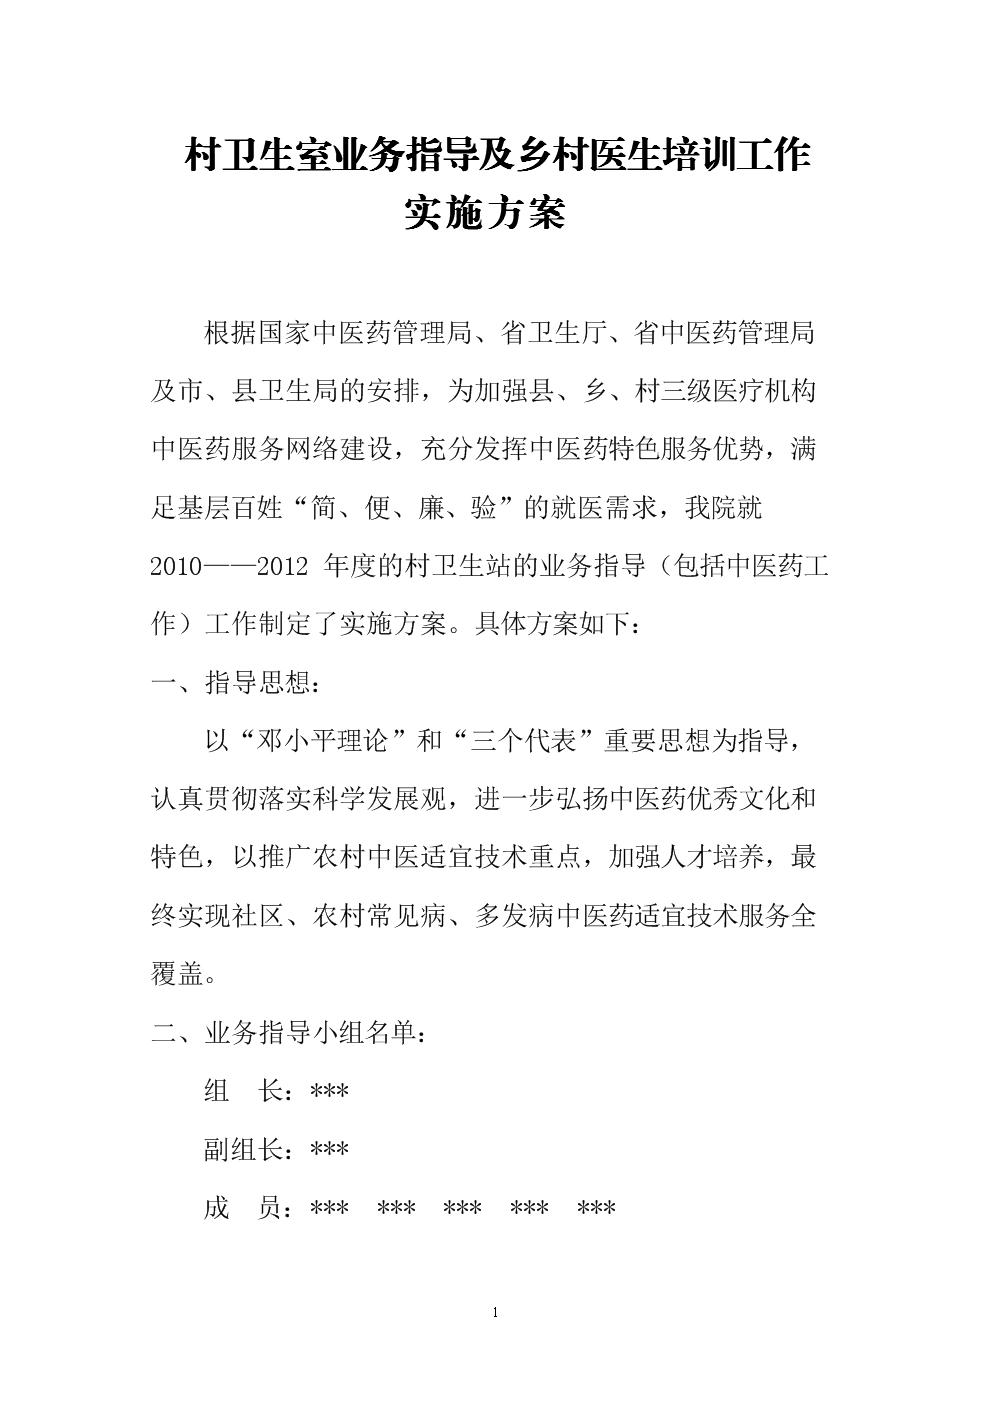 村卫生室业务指导及乡村医生培训工作实施方案.doc